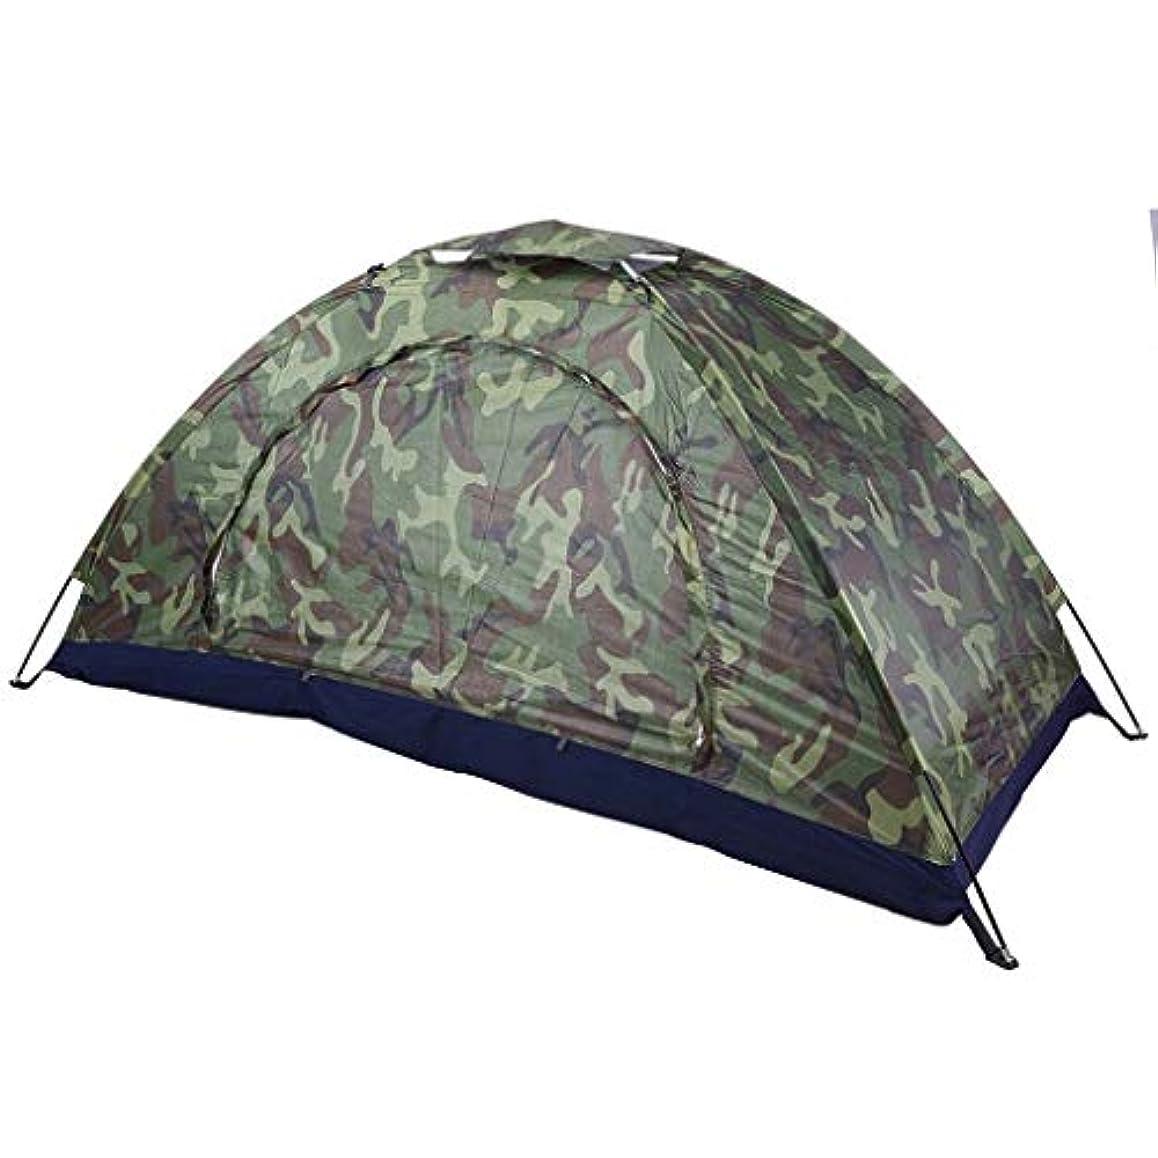 賞慎重にチューインガムテント 防水オックスフォード布単層単層迷彩テント屋外キャンプポータブル高品質屋外キャンプ